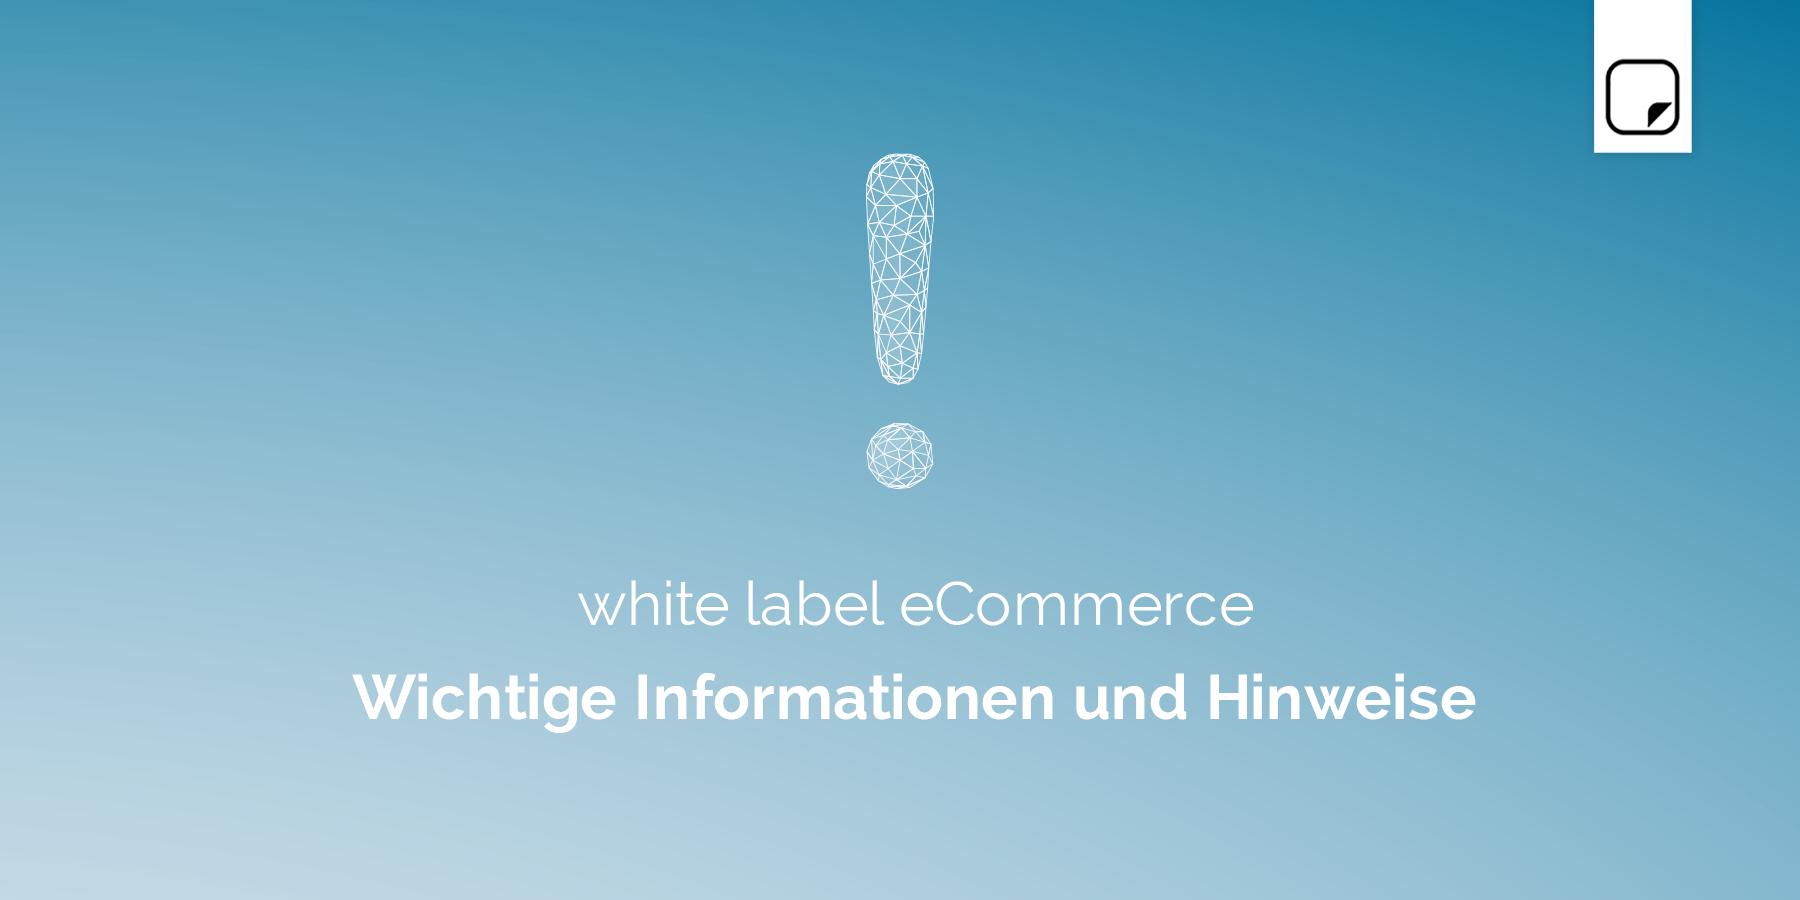 white label eCommerce Wichtige Informationen und Hinweise